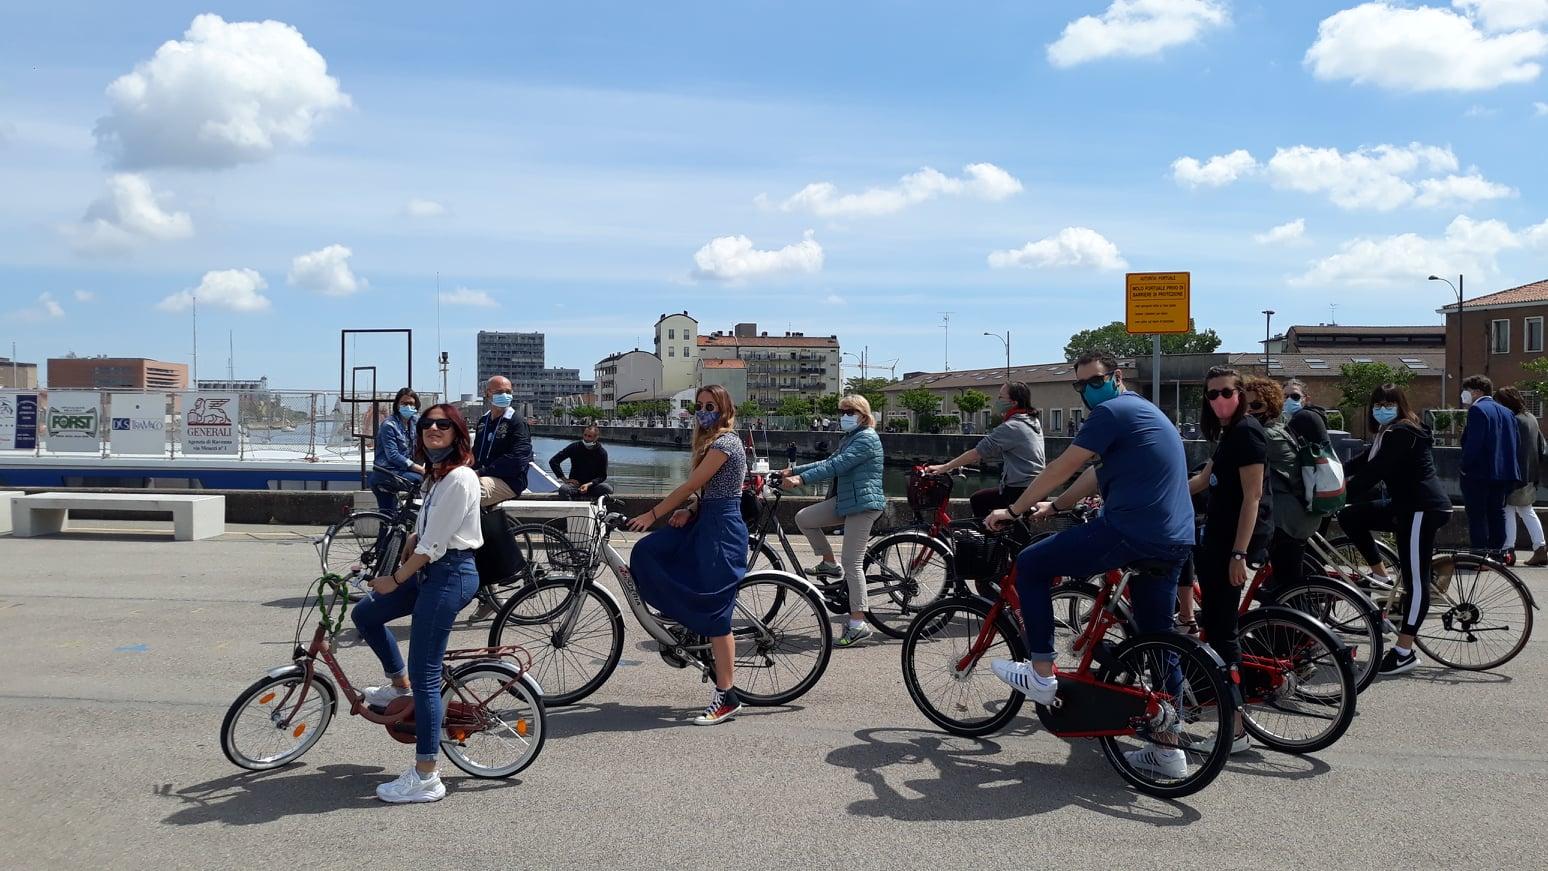 Imbarco in Darsena. Foto di gruppo in bicicletta